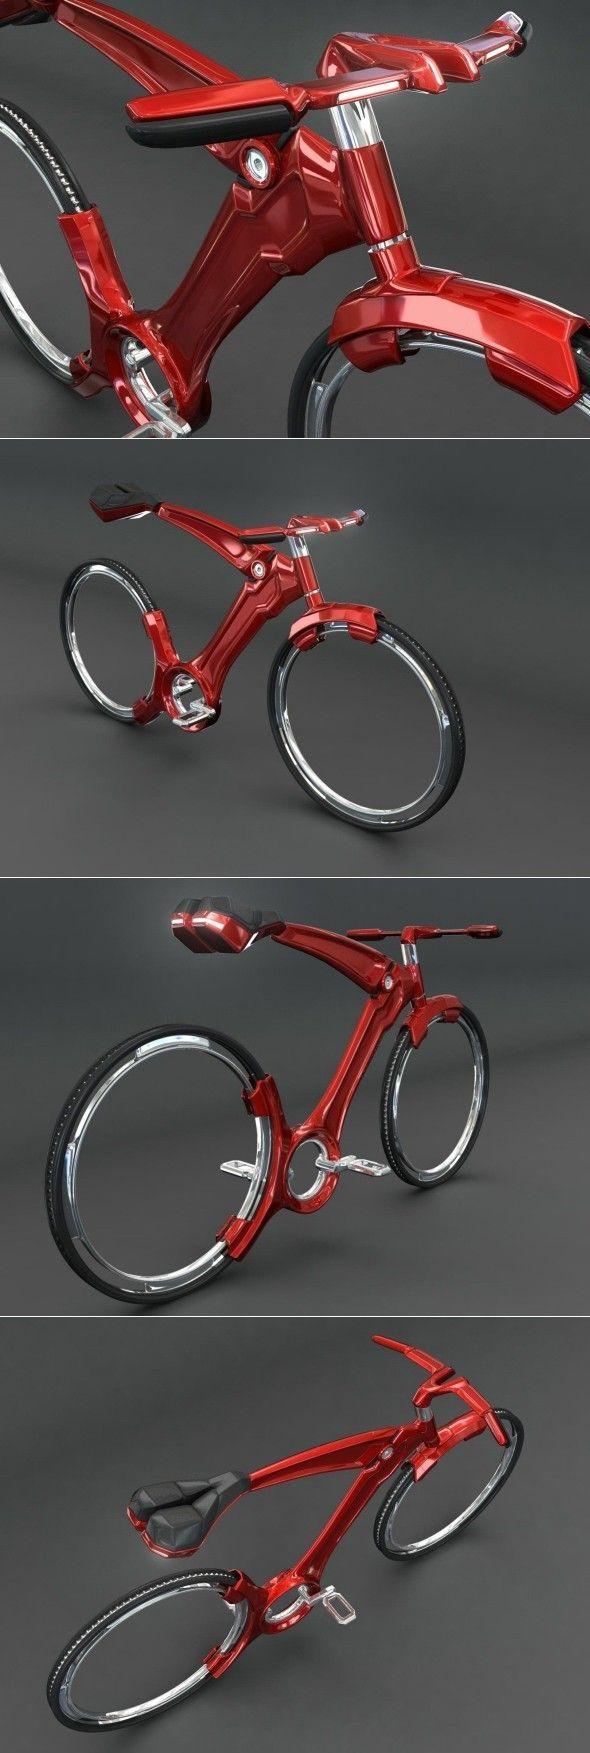 Vélo futuriste par John Villarreal Un aperçu de l'avenir et des matériaux de …